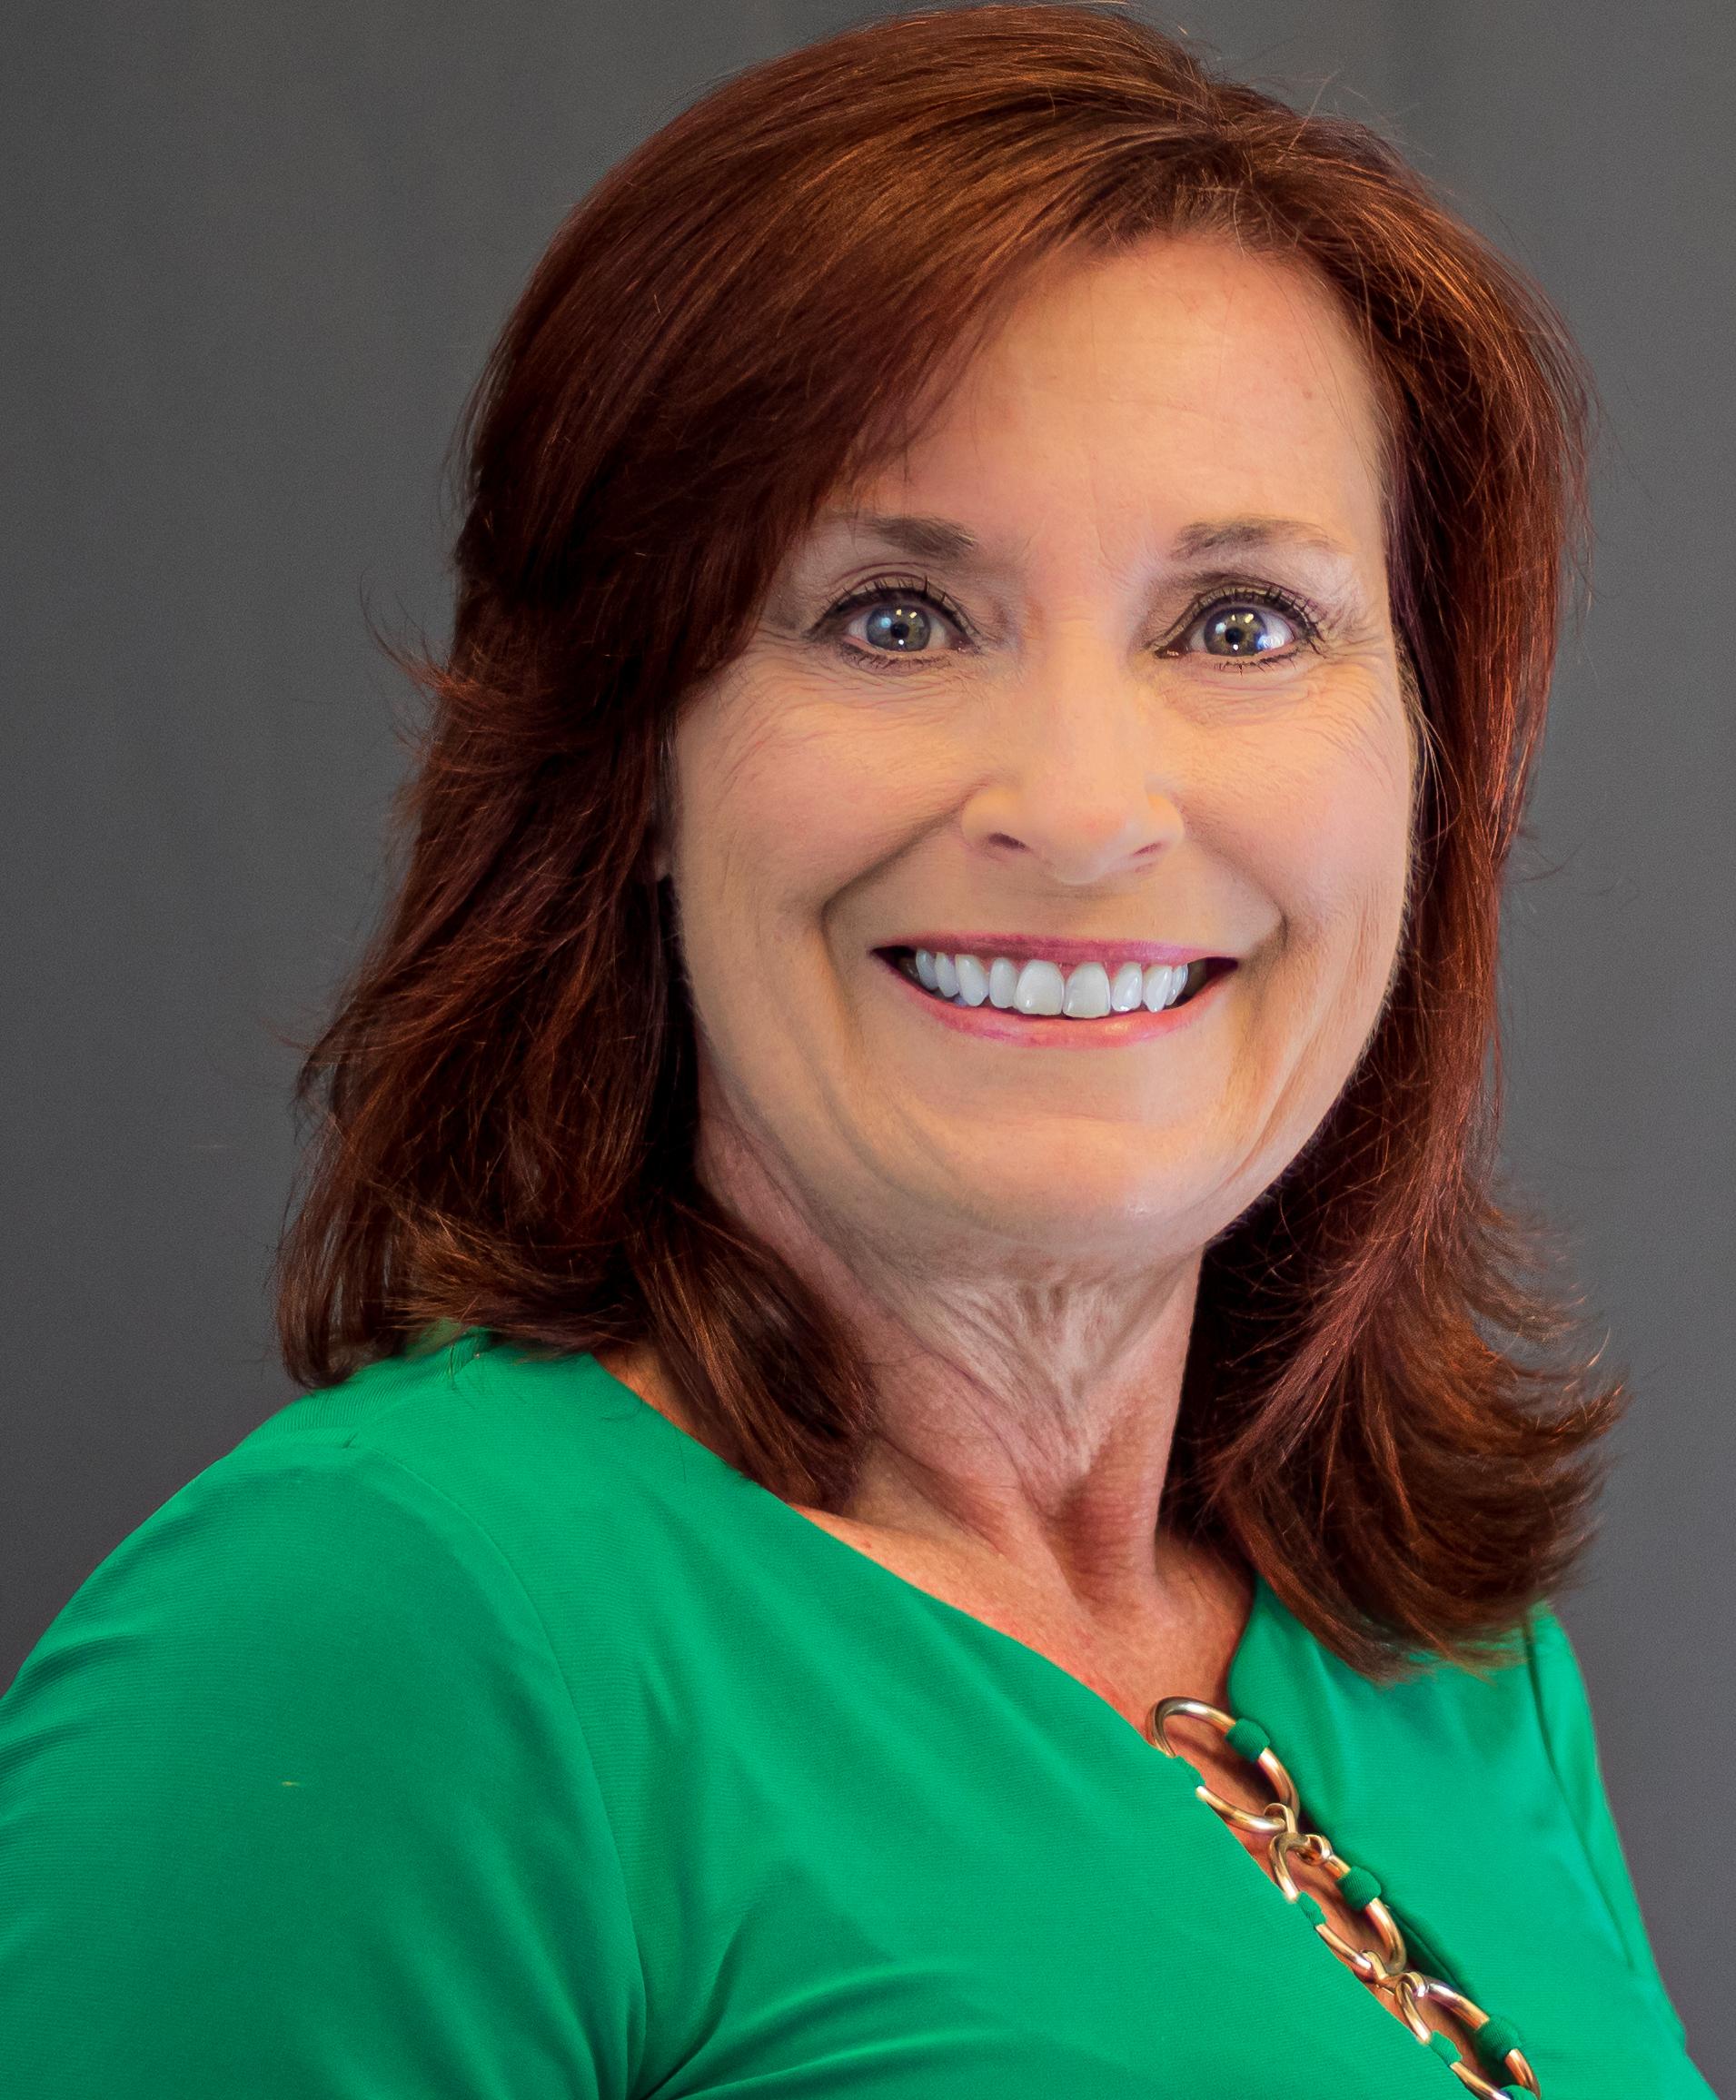 Renee Wojcek, licensed FL Realtor with the brokerage JC Penny Premier Properties